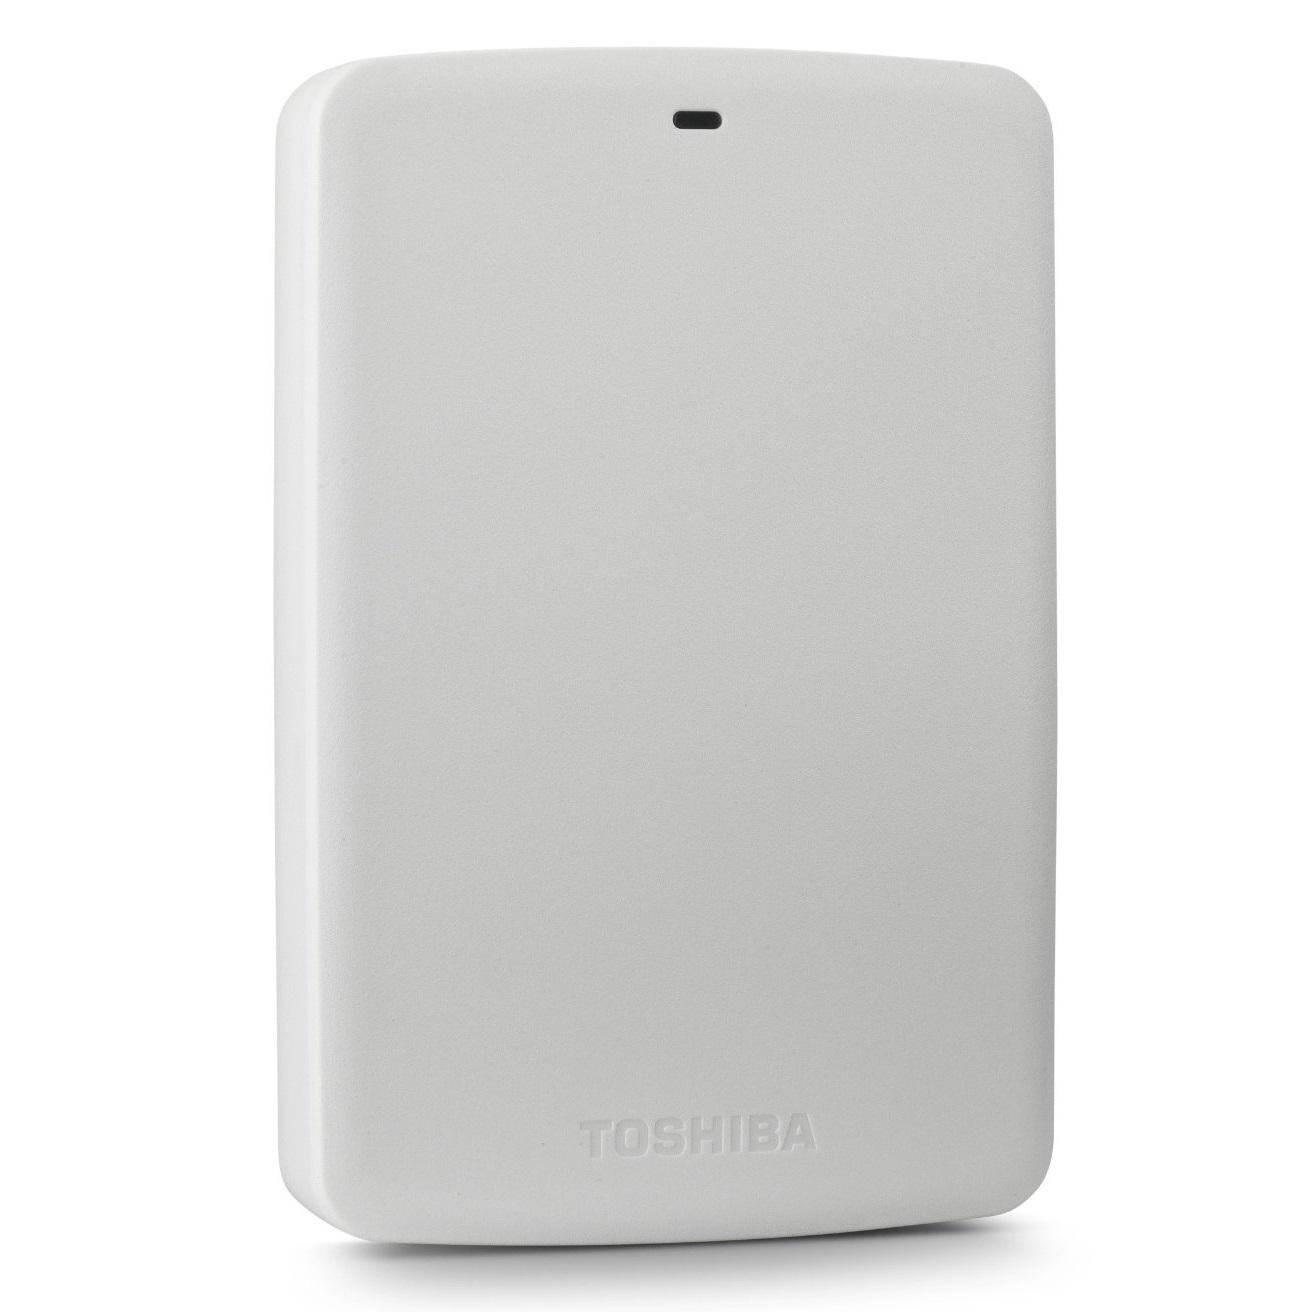 Ổ cứng di động Toshiba Canvio basic 2Tb USB3.0 Trắng